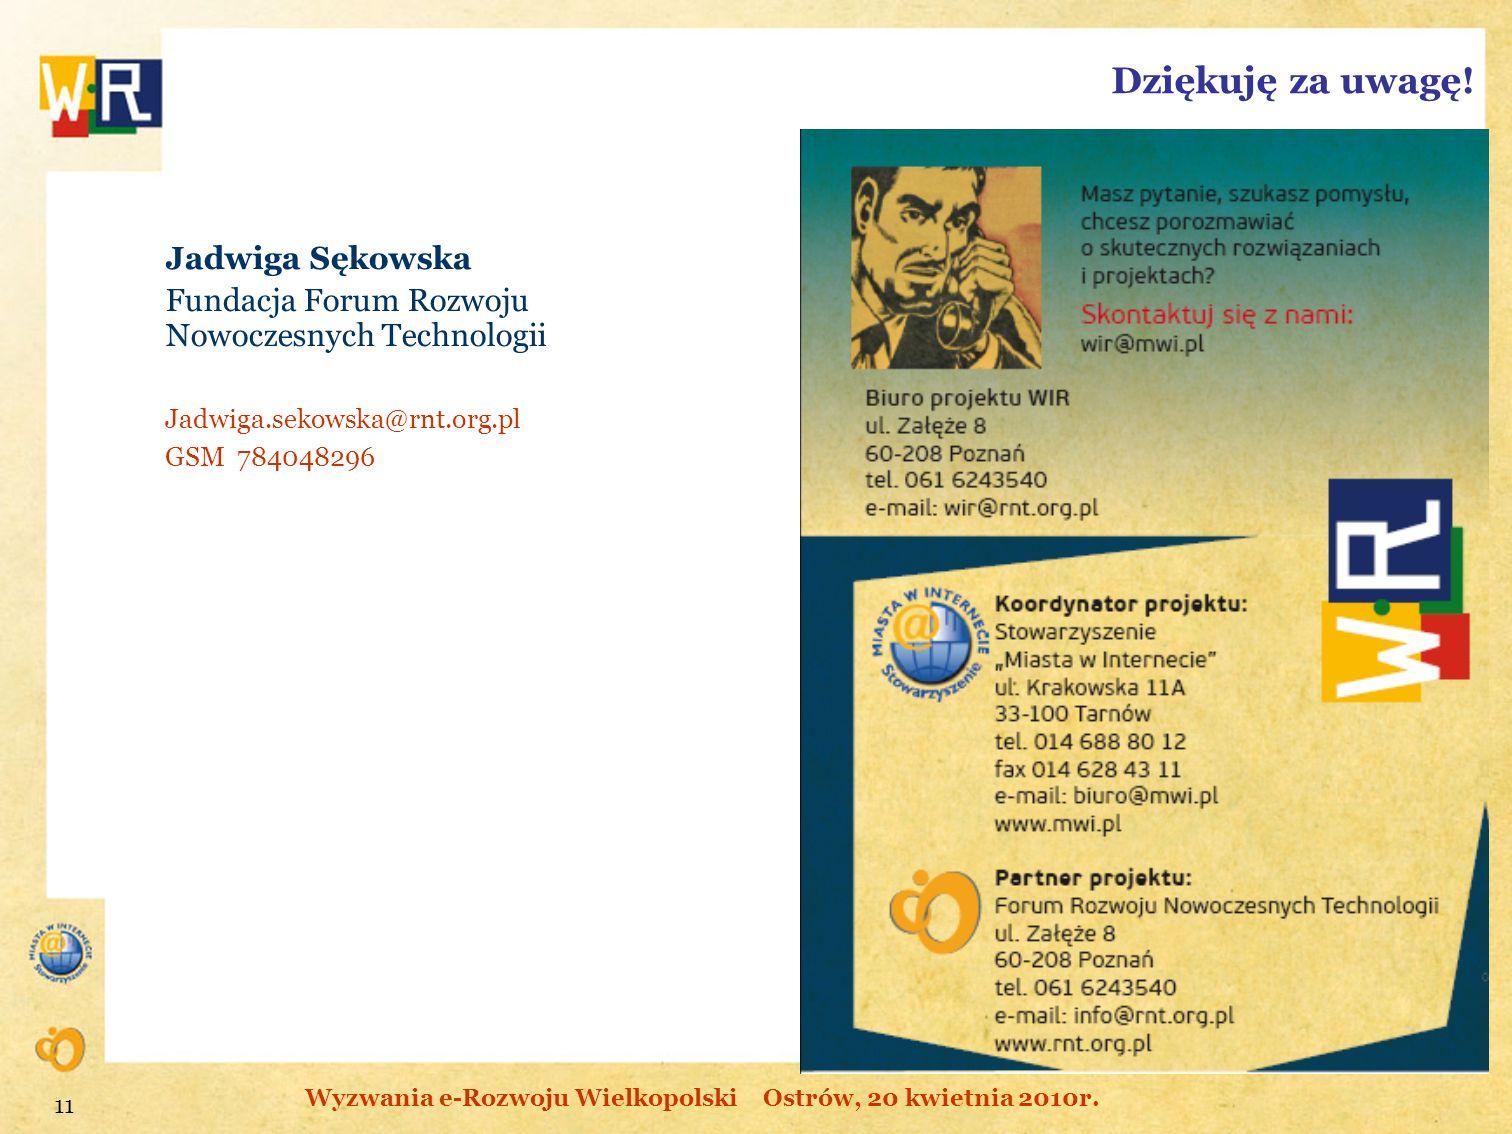 Jadwiga Sękowska Fundacja Forum Rozwoju Nowoczesnych Technologii Jadwiga.sekowska@rnt.org.pl GSM 784048296 Dziękuję za uwagę! 11 Wyzwania e-Rozwoju Wi